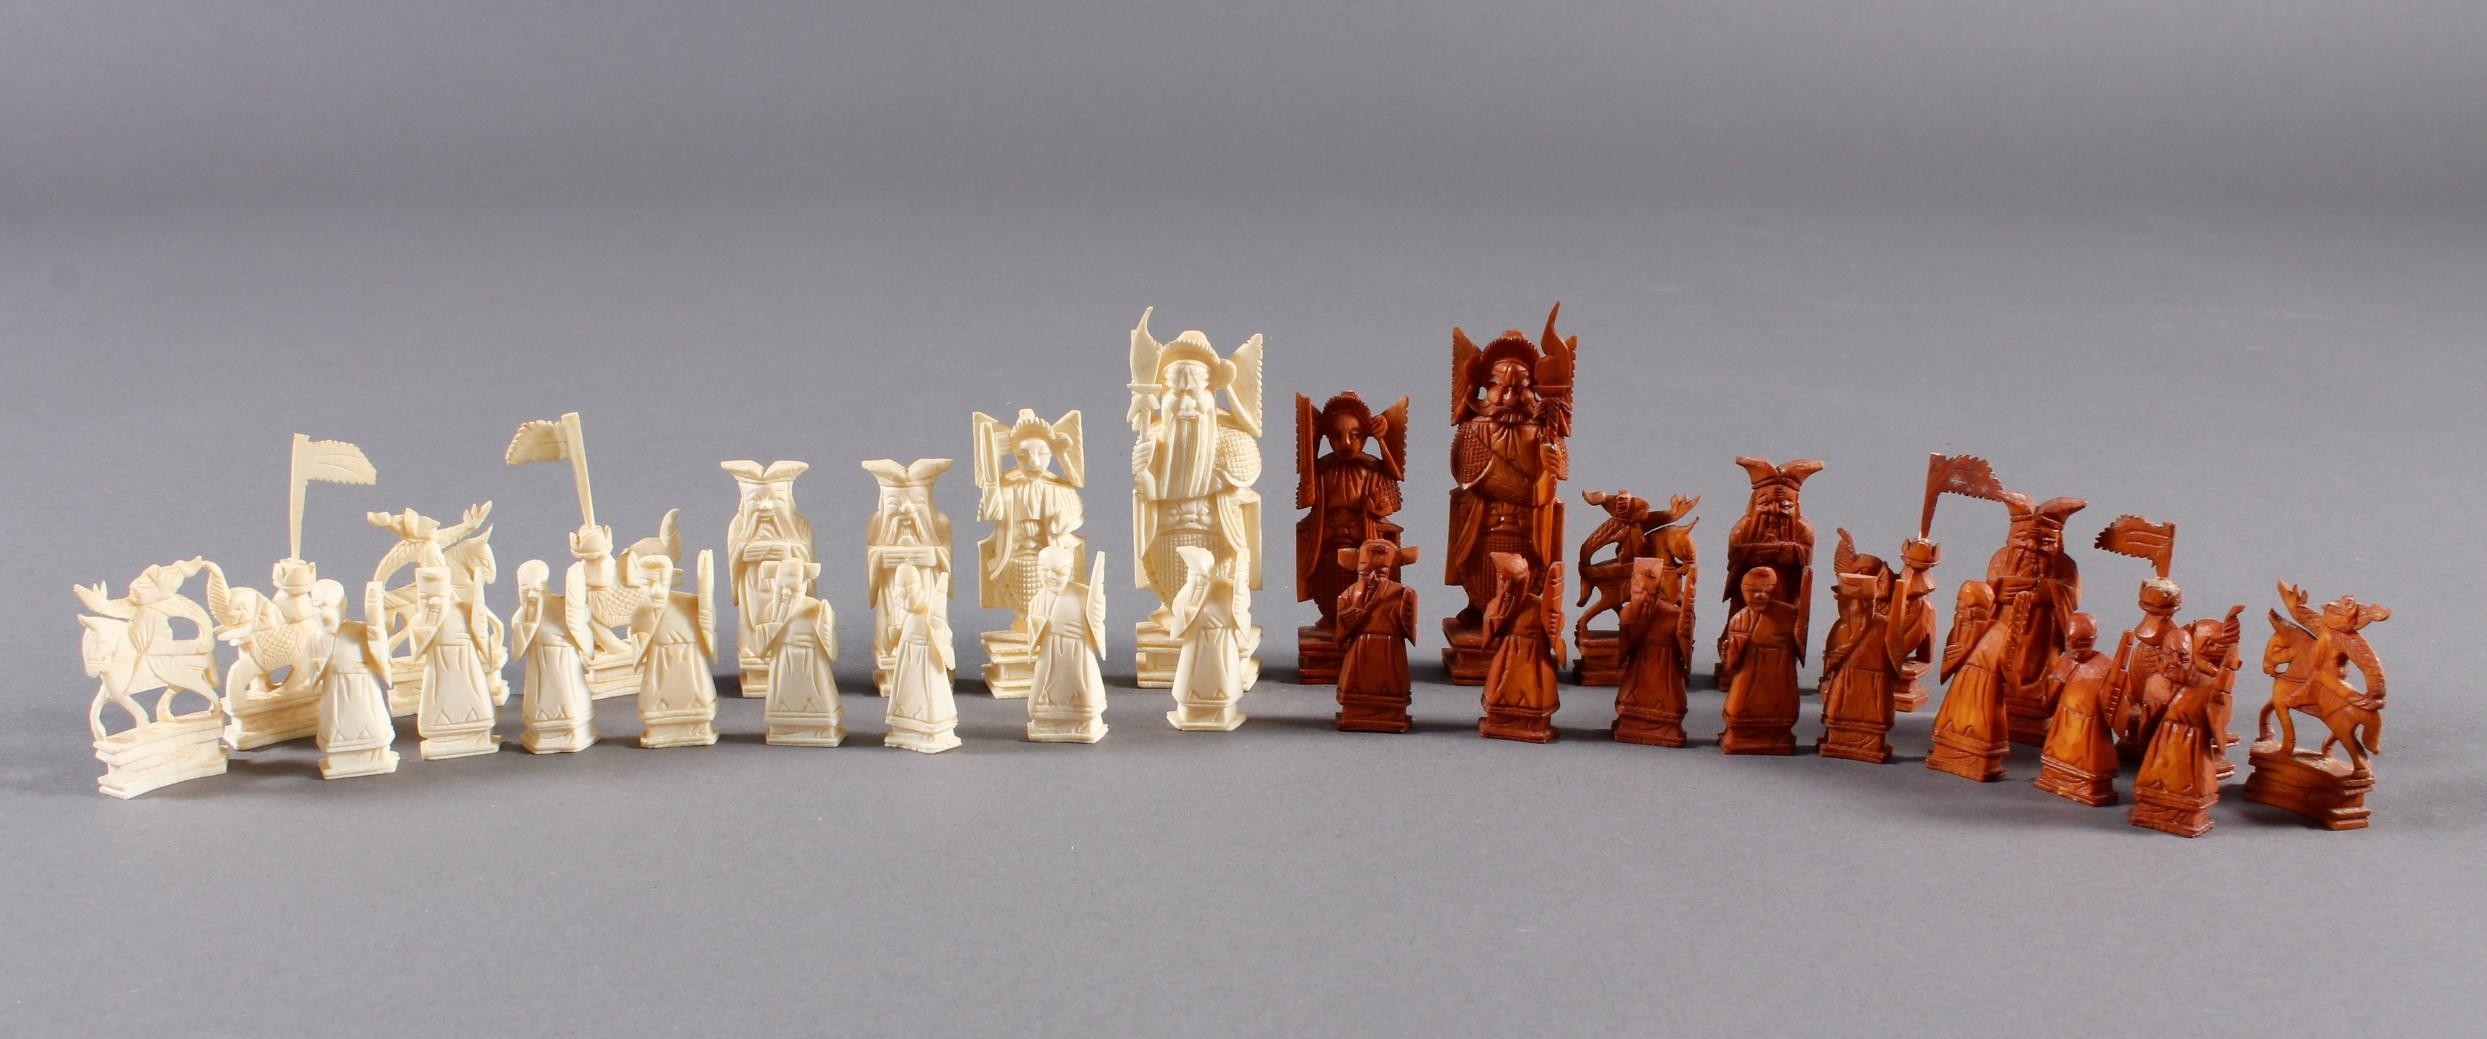 Elfenbein Schachspiel, China um 1930